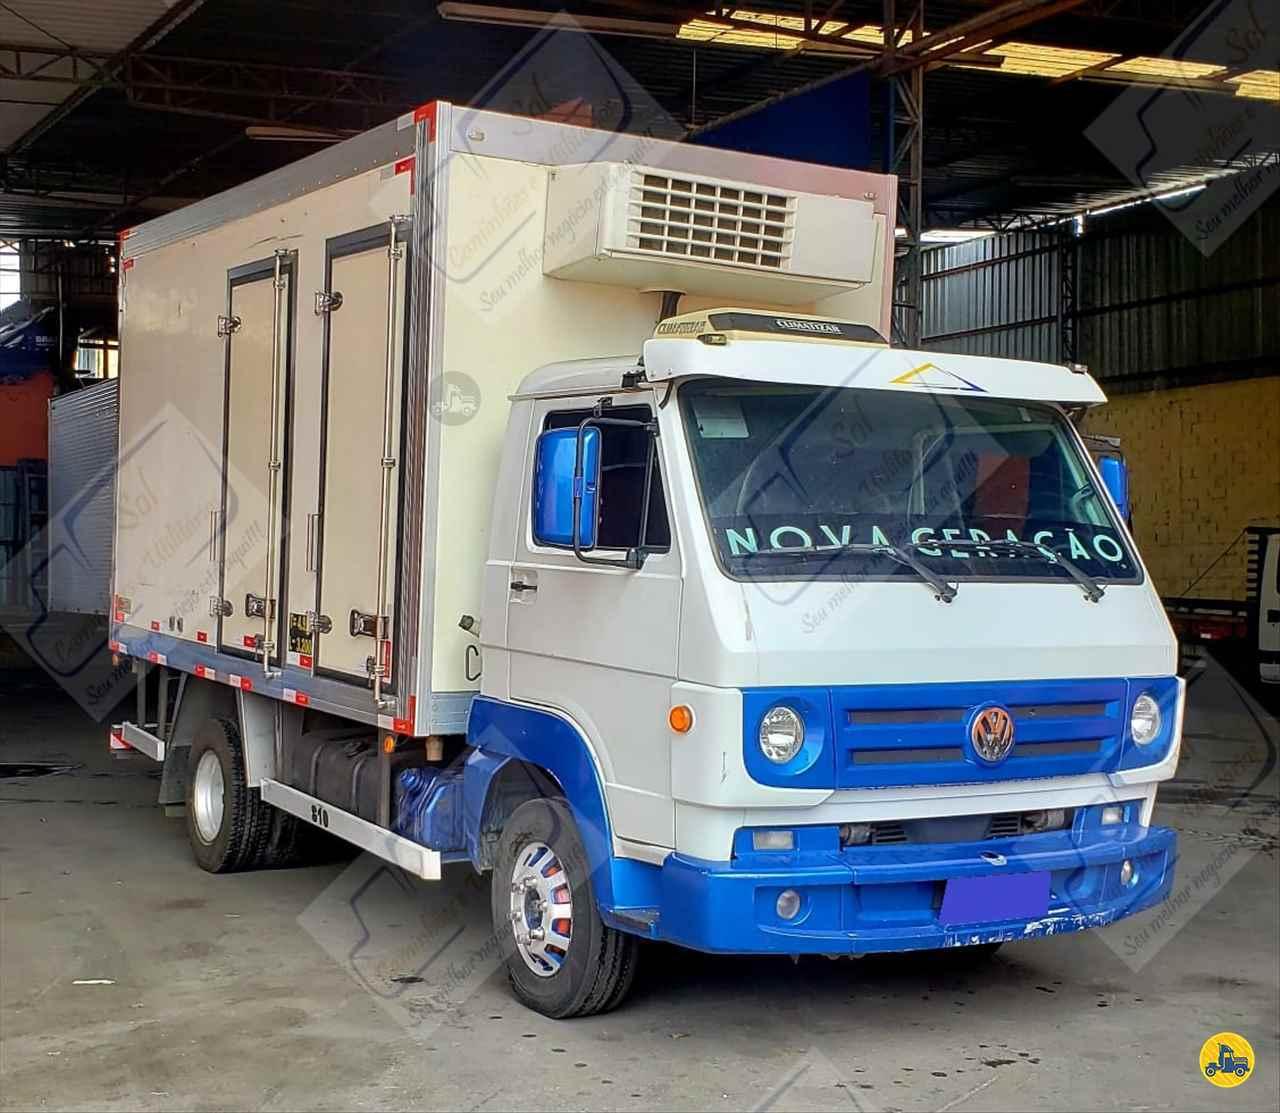 CAMINHAO VOLKSWAGEN VW 8160 Baú Frigorífico 3/4 4x2 Sol Caminhões e Utilitários SAO PAULO SÃO PAULO SP